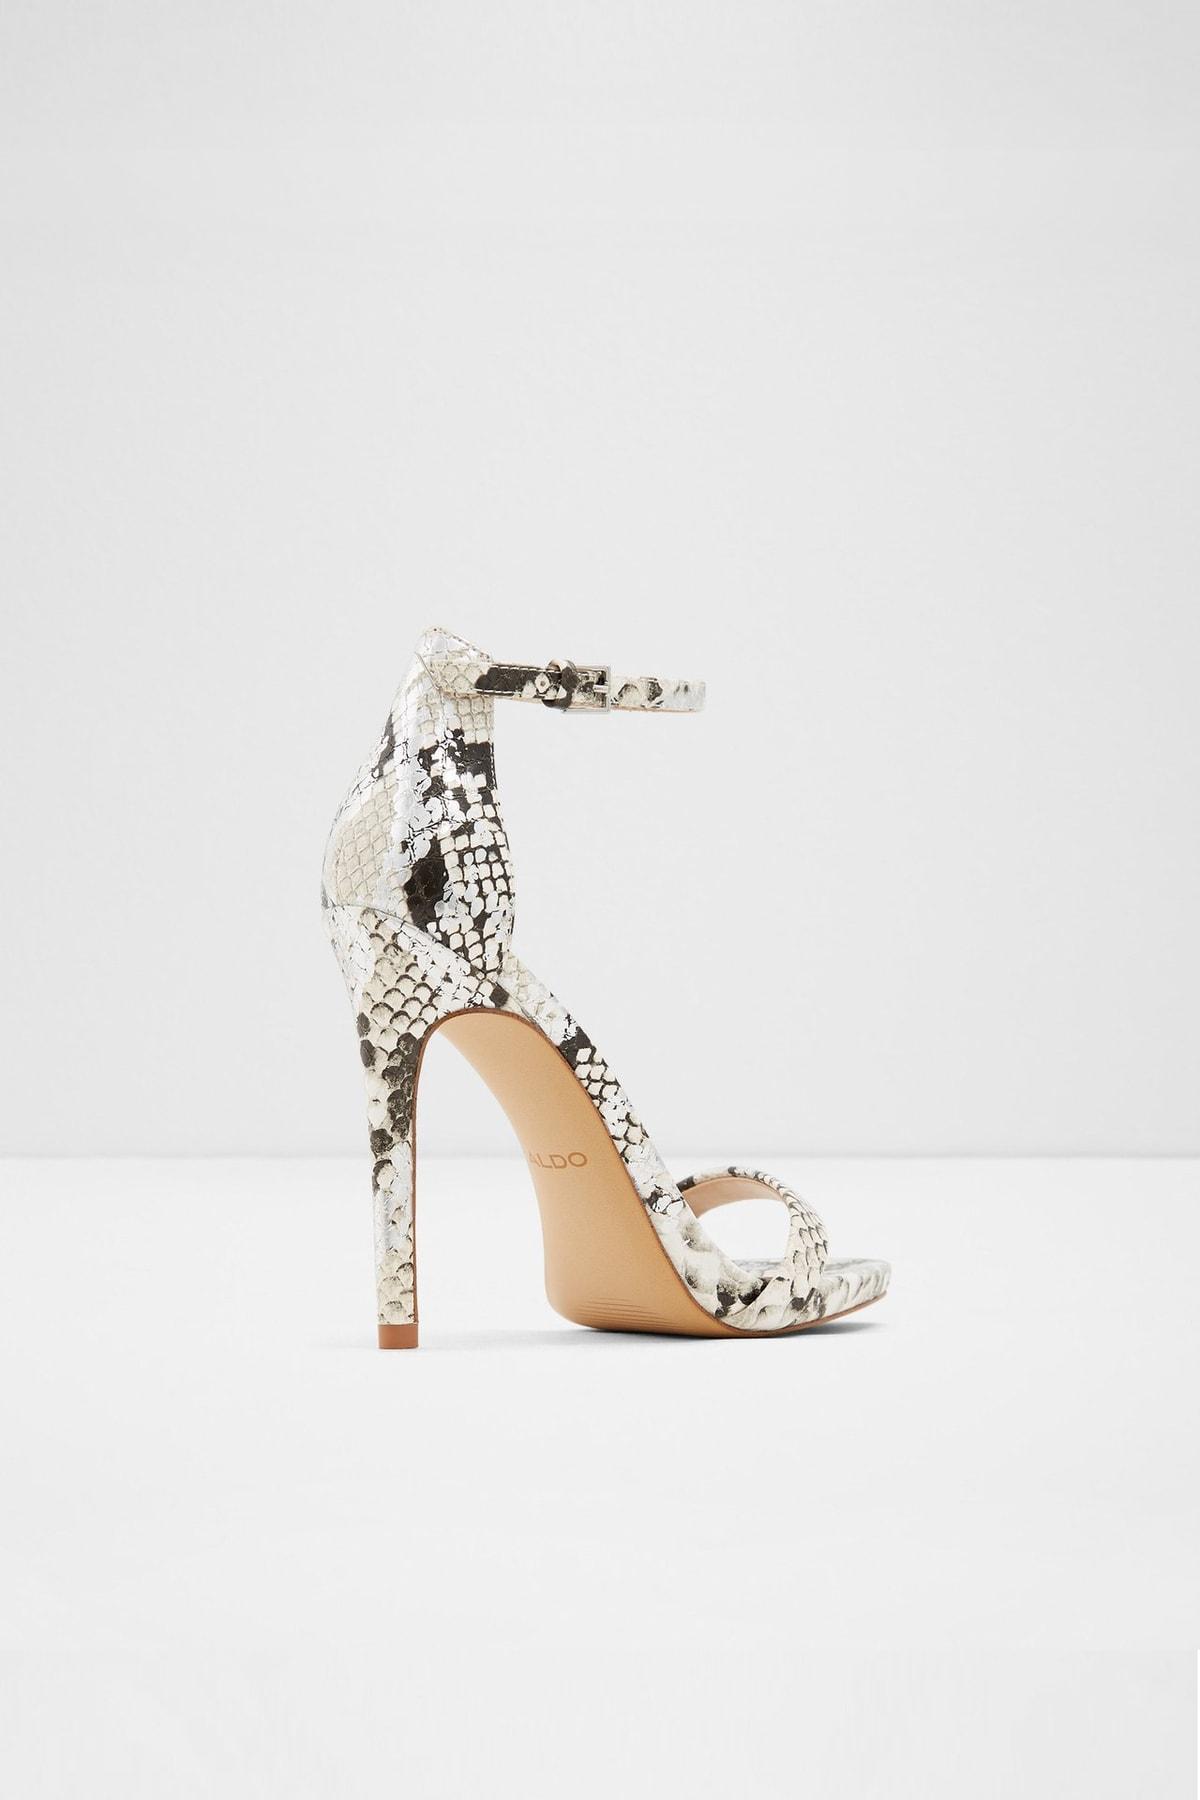 Aldo Caraa - Yılan Deseni Kadın Yüksek Topuklu Sandalet 2